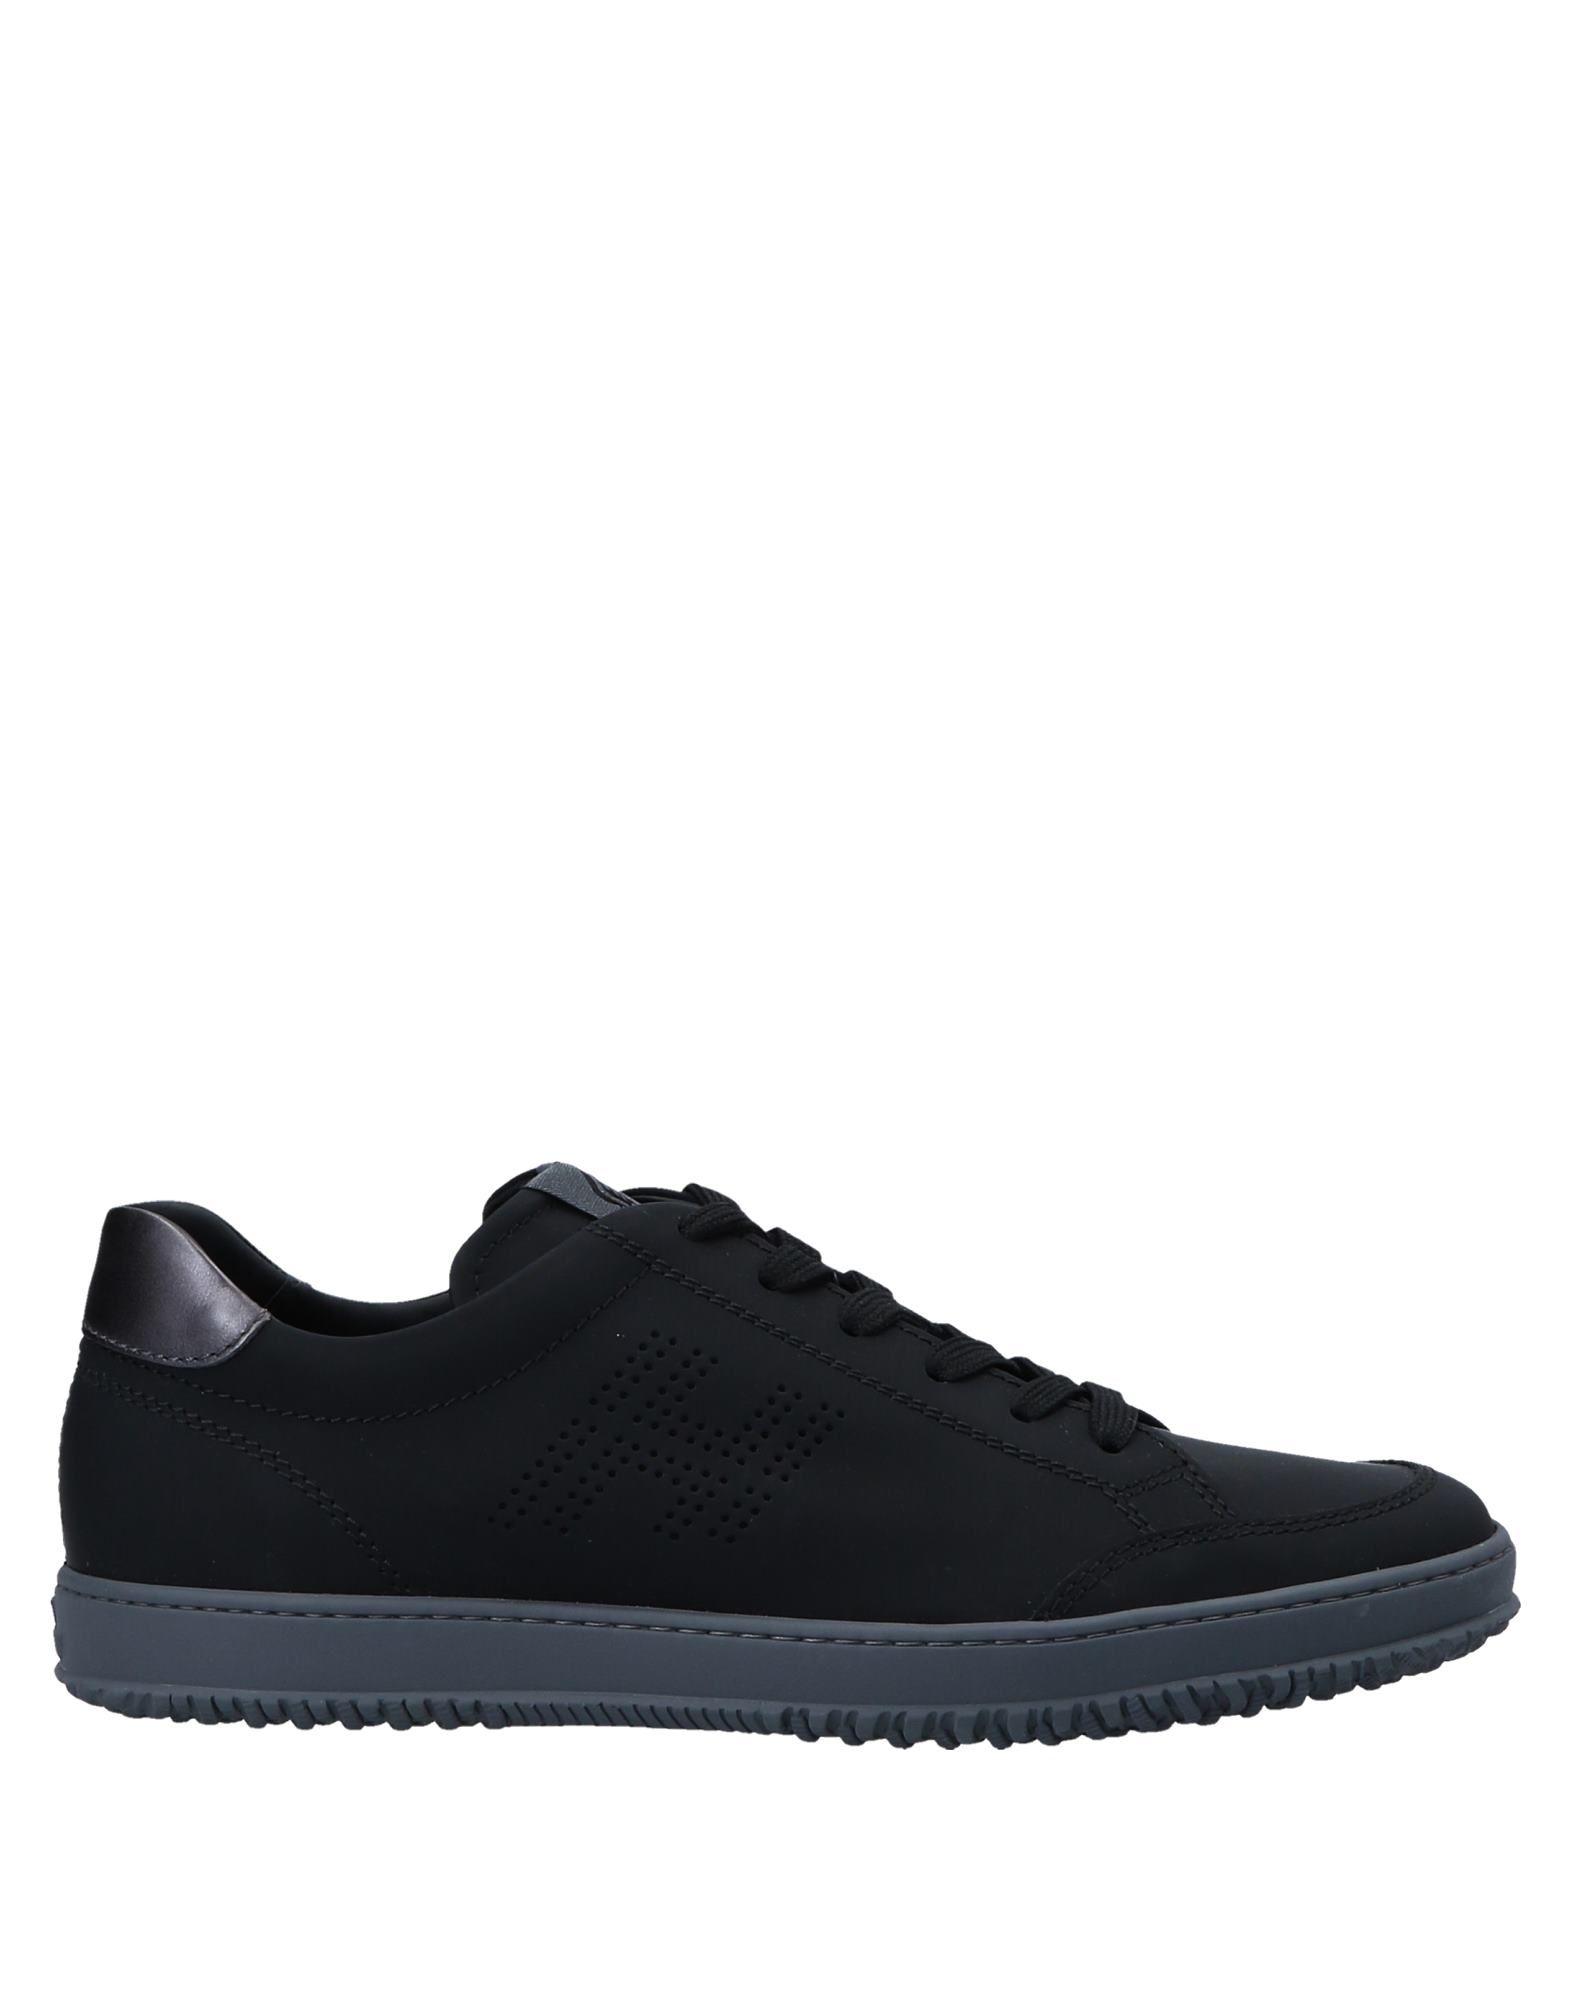 Hogan Sneakers Herren  11561824IW Gute Qualität beliebte Schuhe